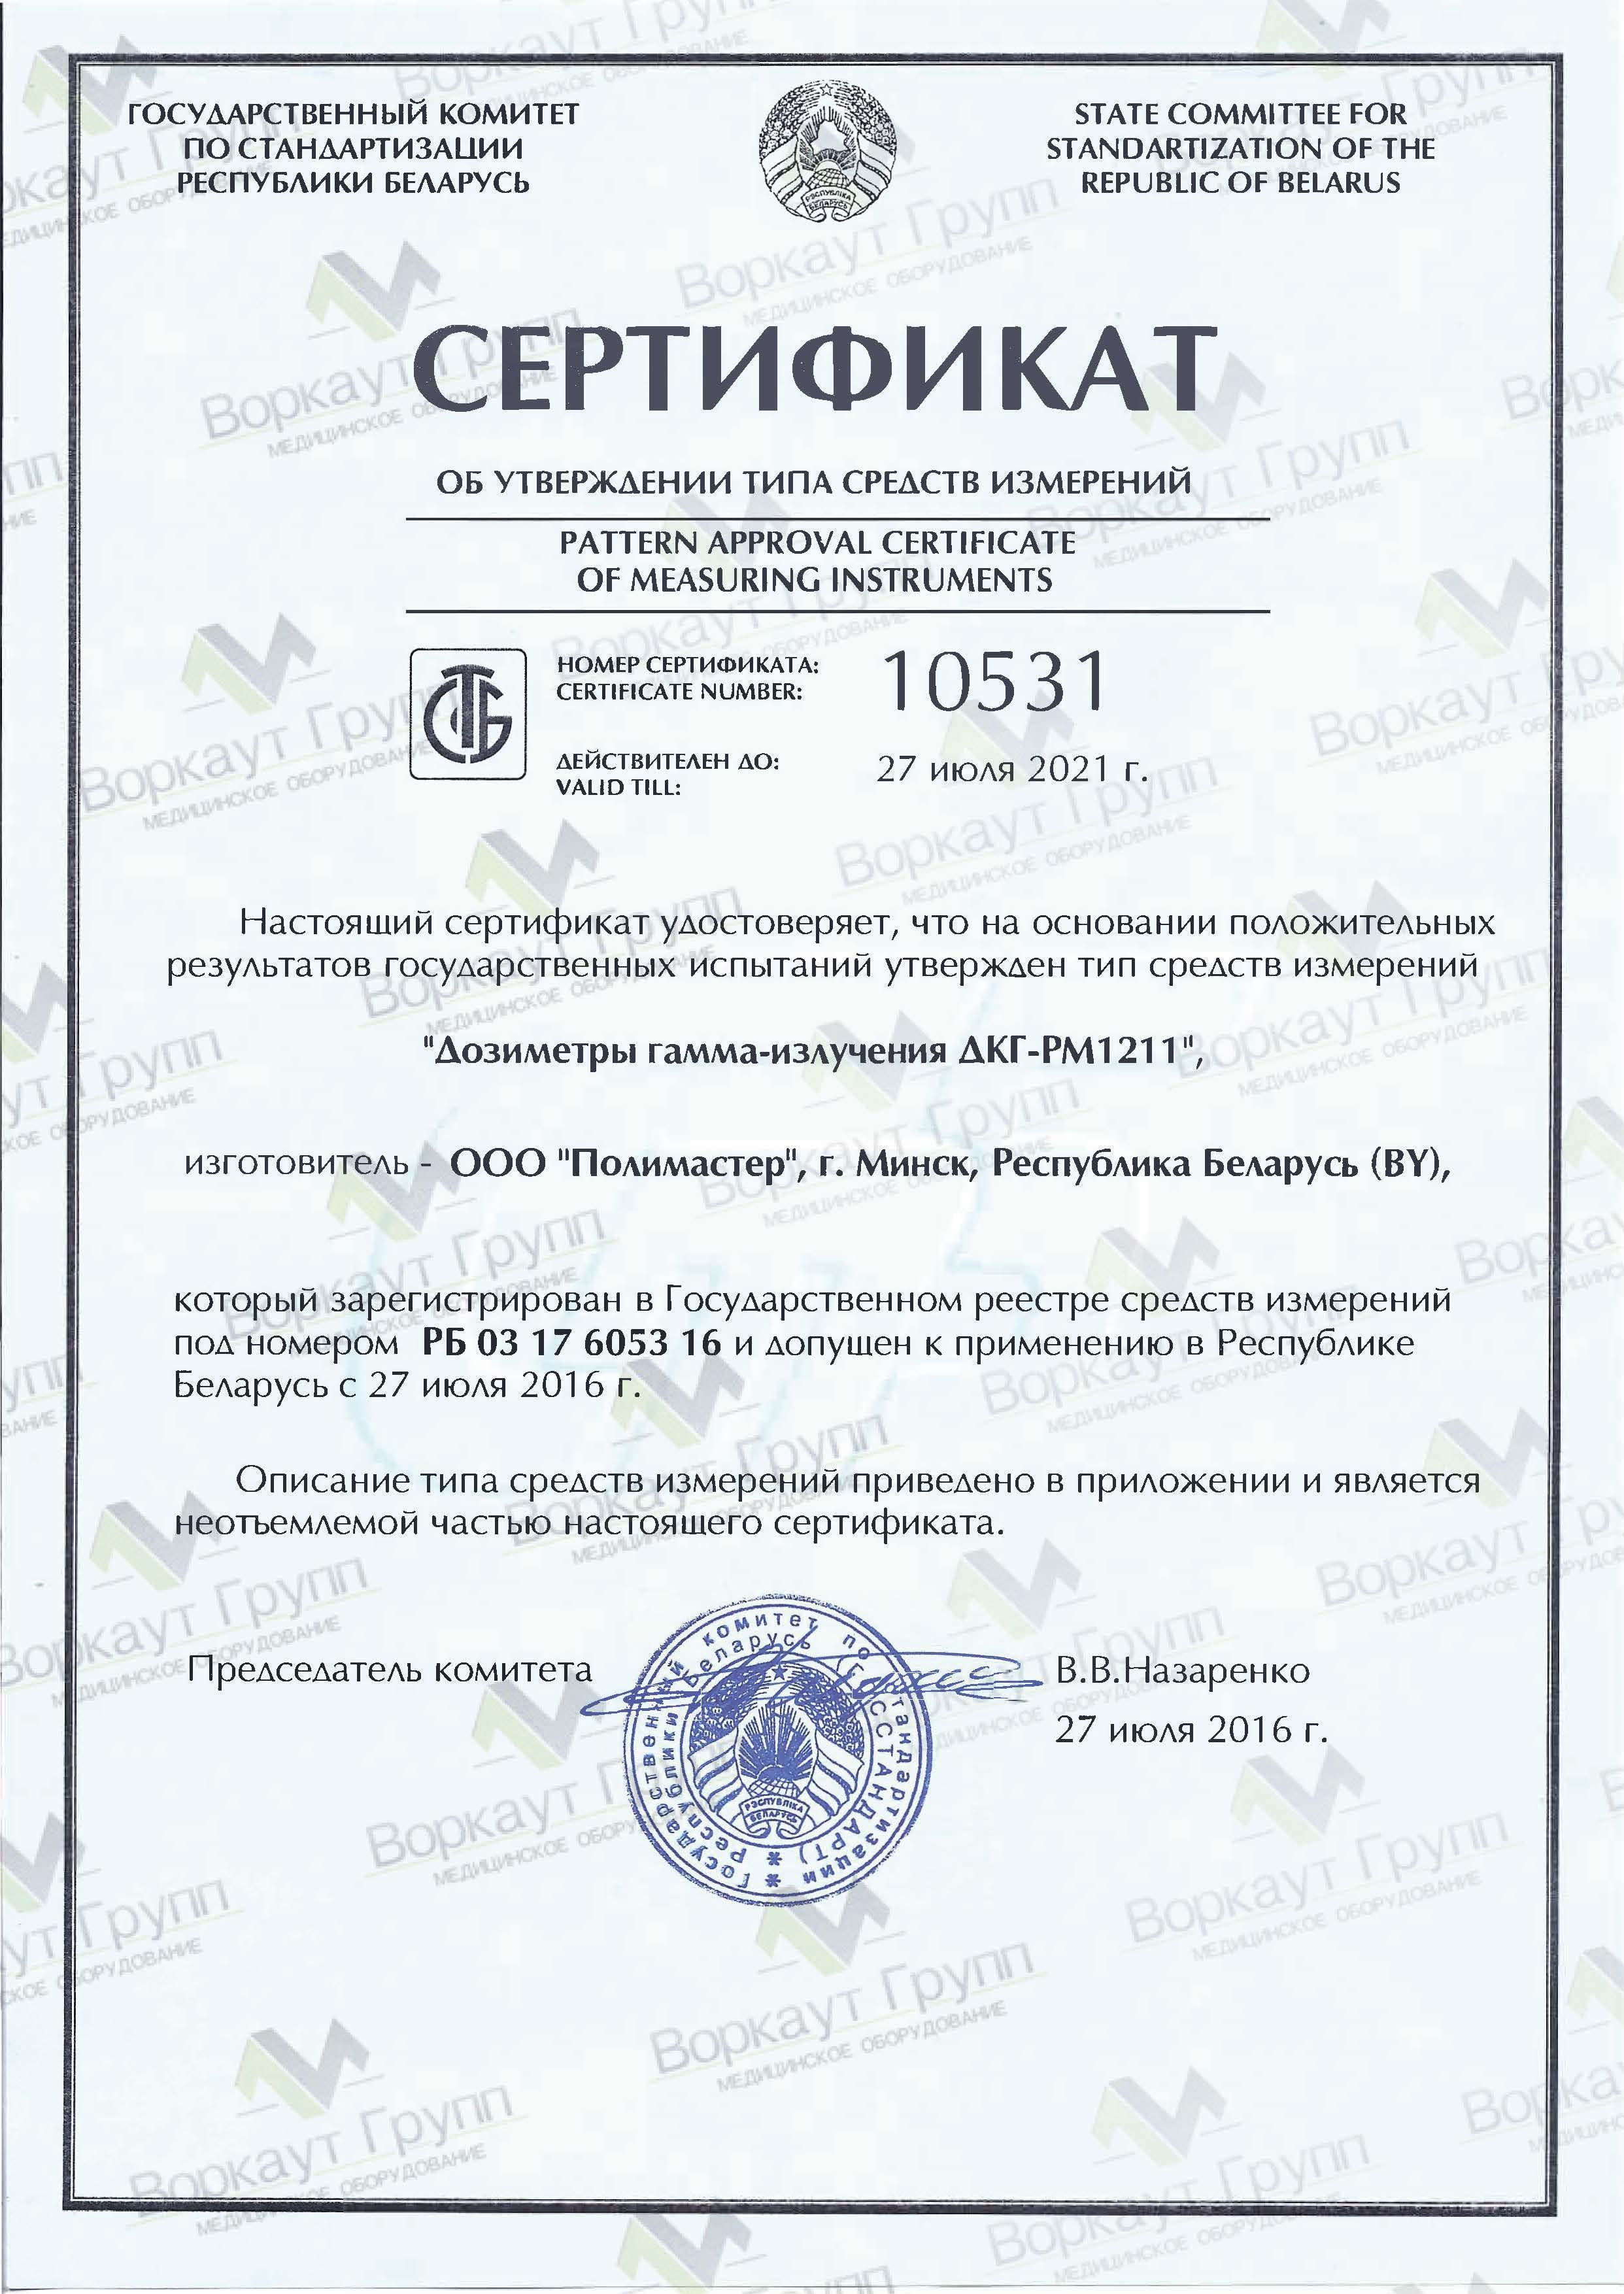 Сертификат ДКГ-РМ1211